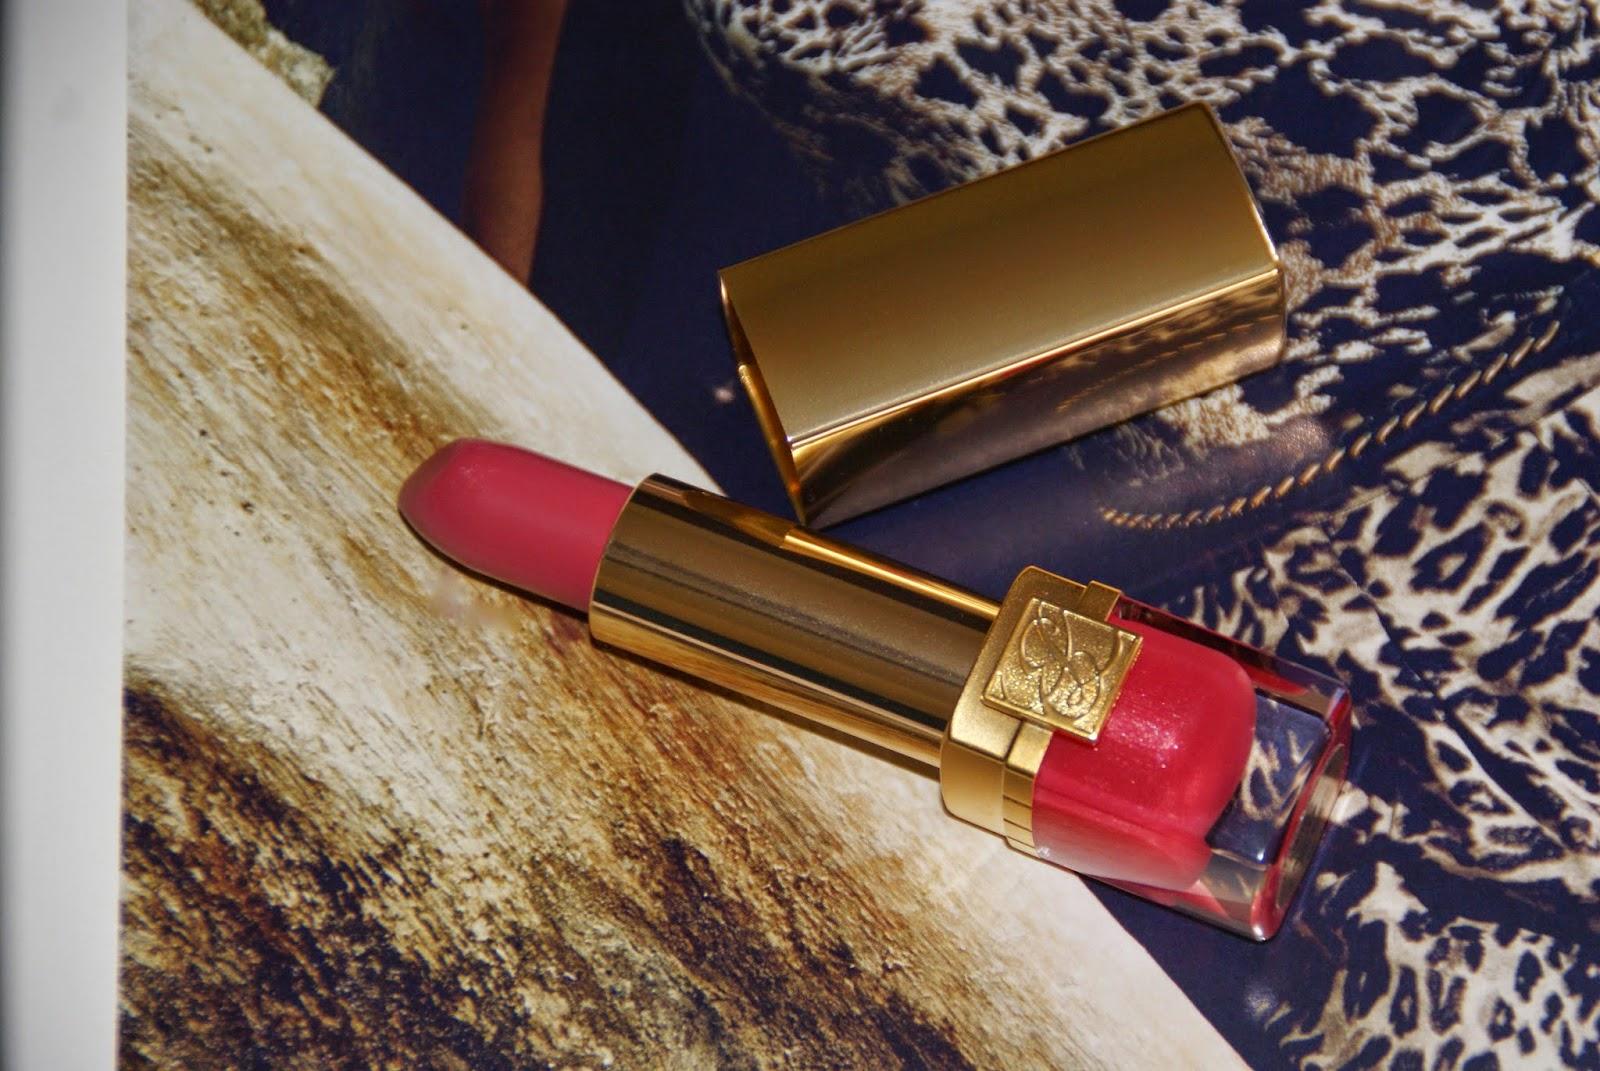 Estee Lauder Lipsrick, nordstrom beauty, makeup